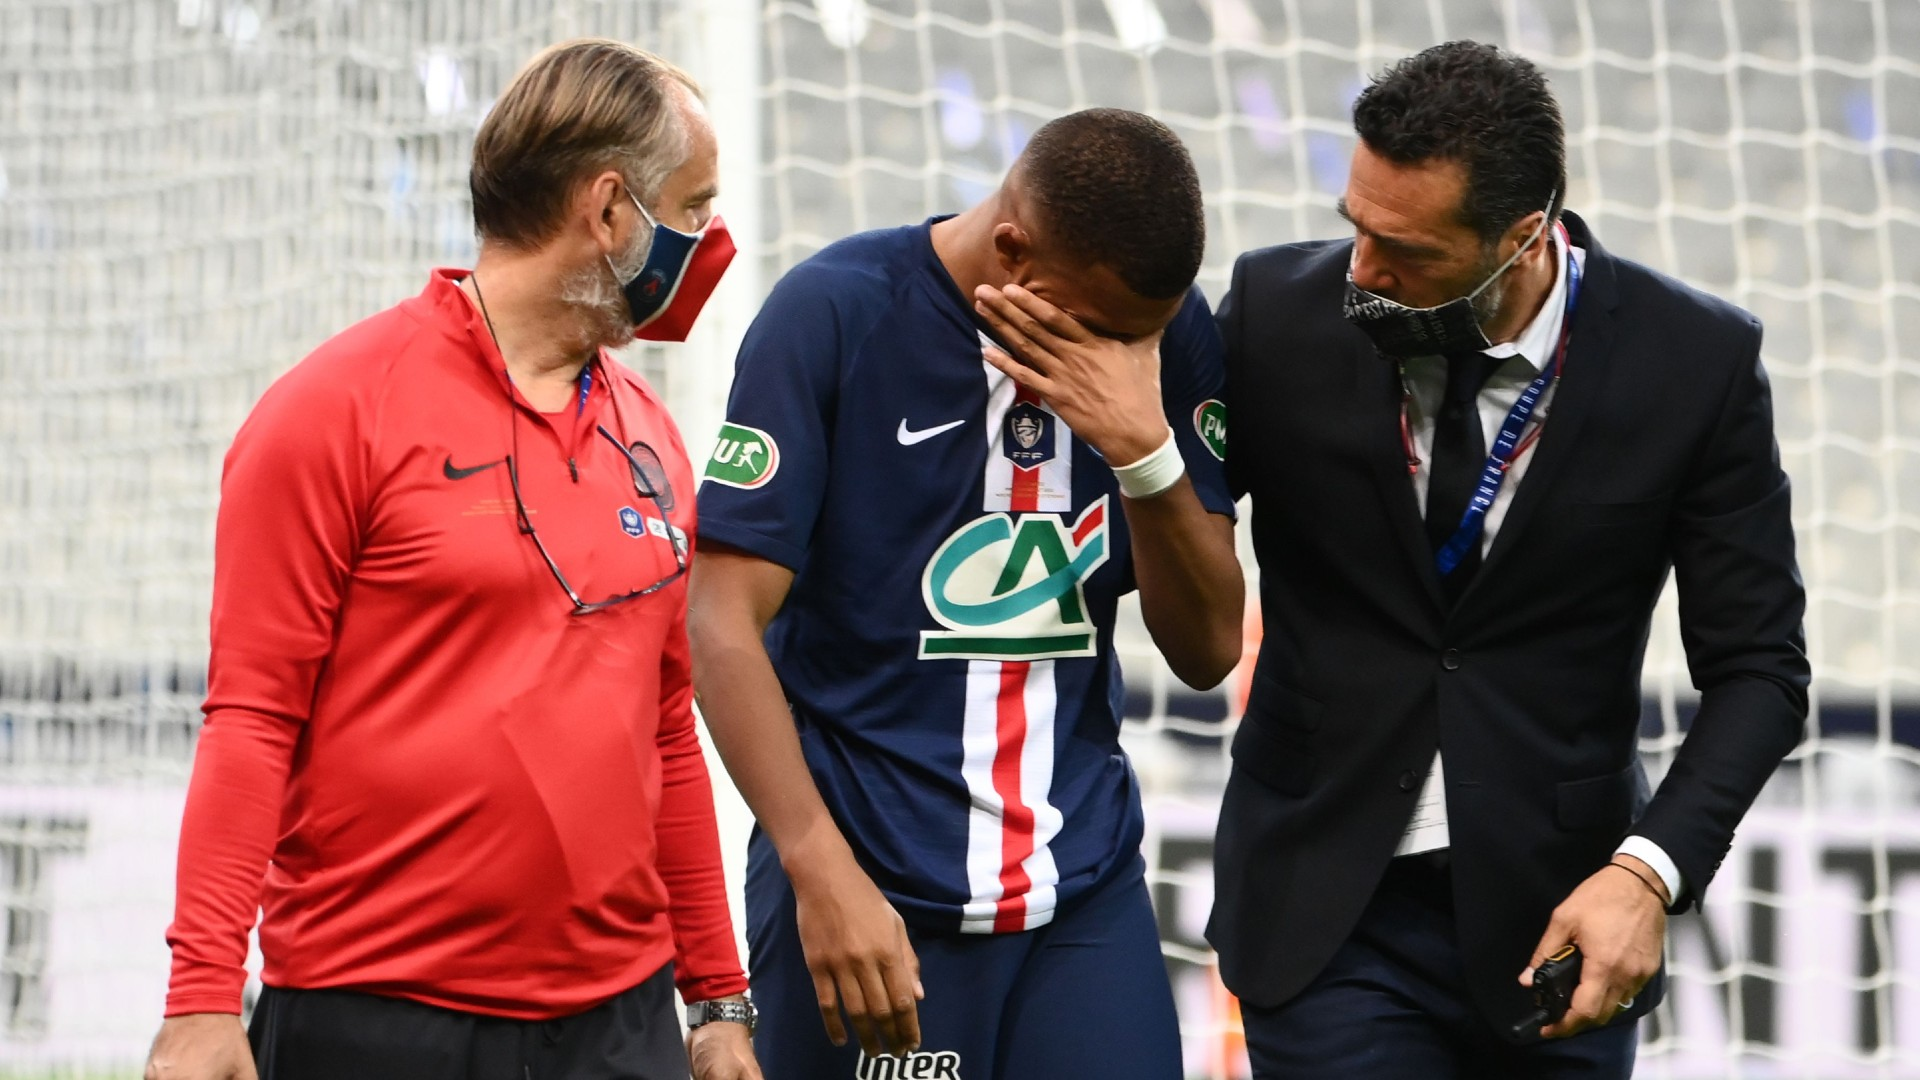 Psg-Saint Etienne, infortunio per Mbappe: fuori in lacrime e rissa